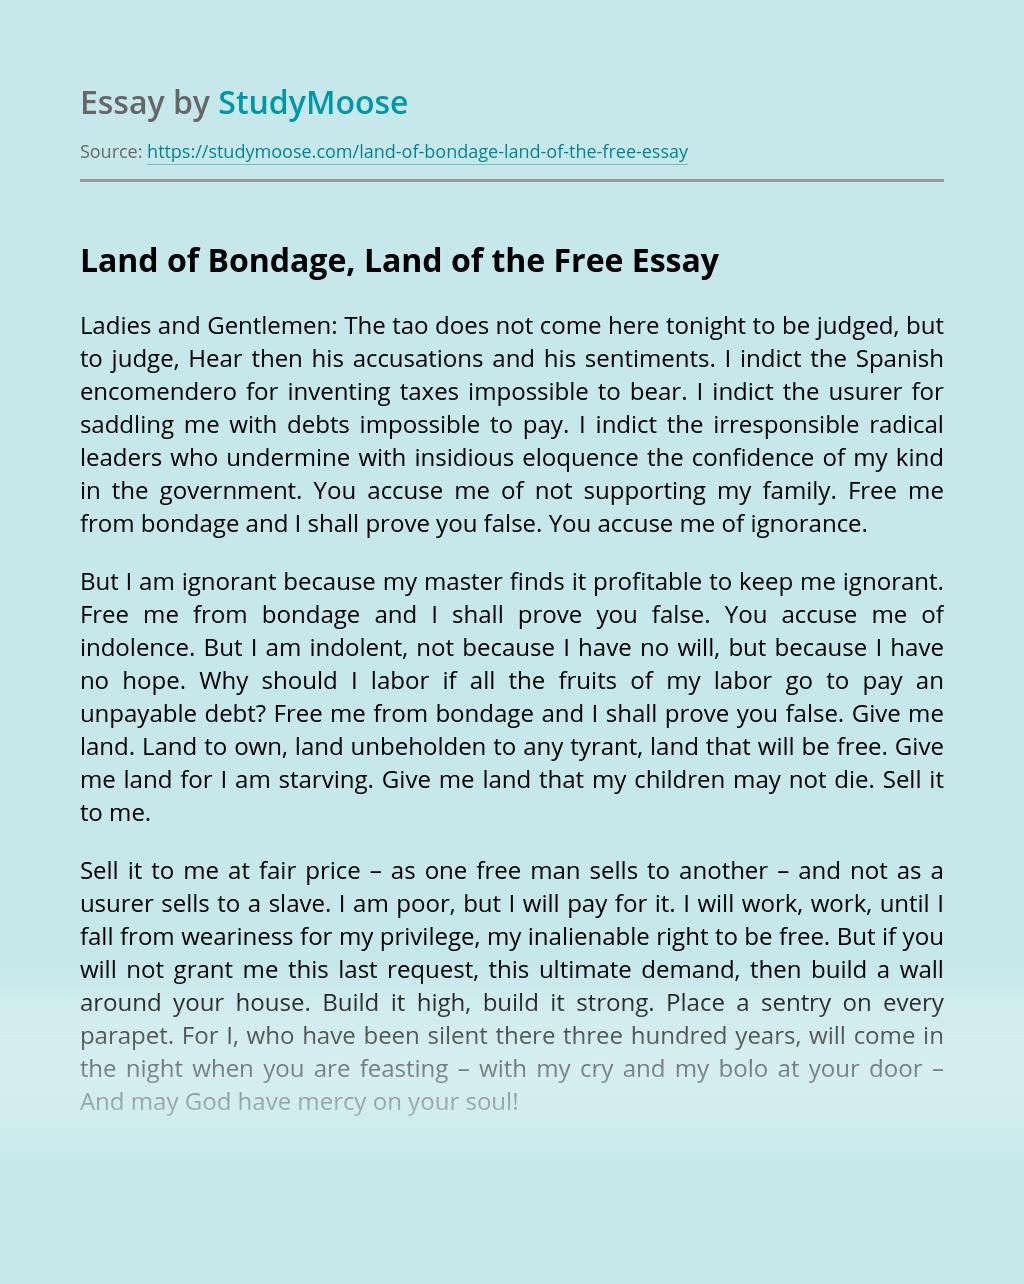 Land of Bondage, Land of the Free